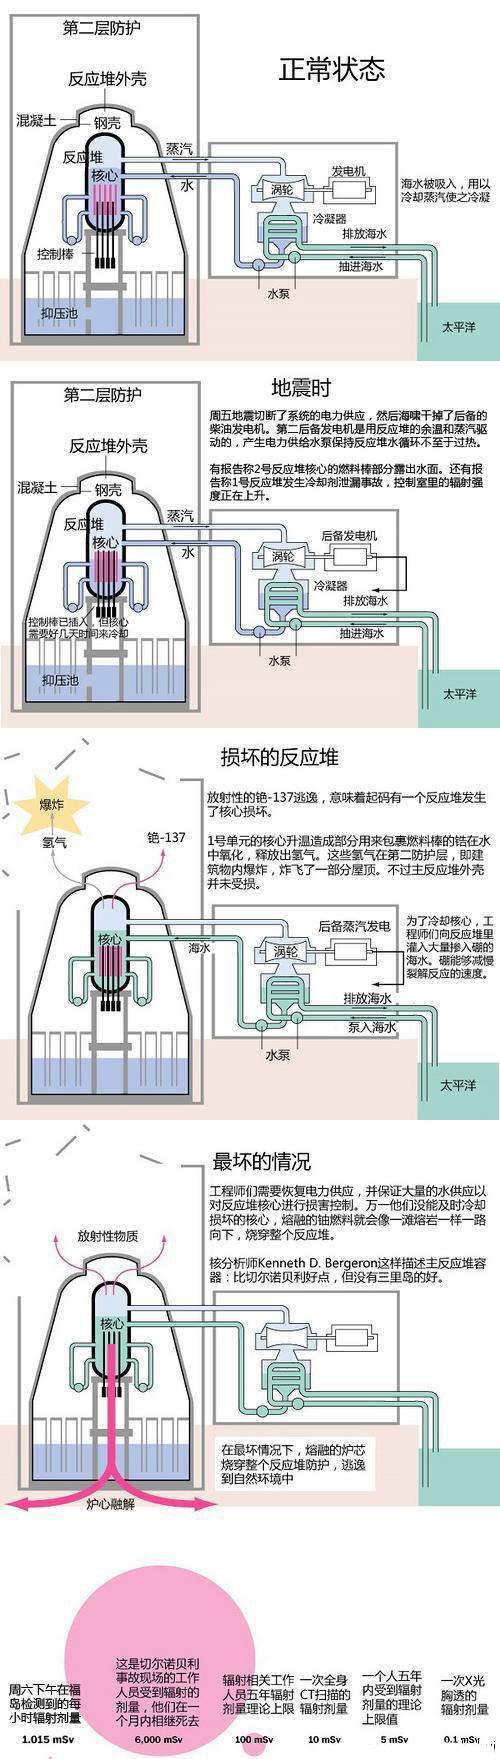 福岛核电站最坏的结果(示意图点击放大)